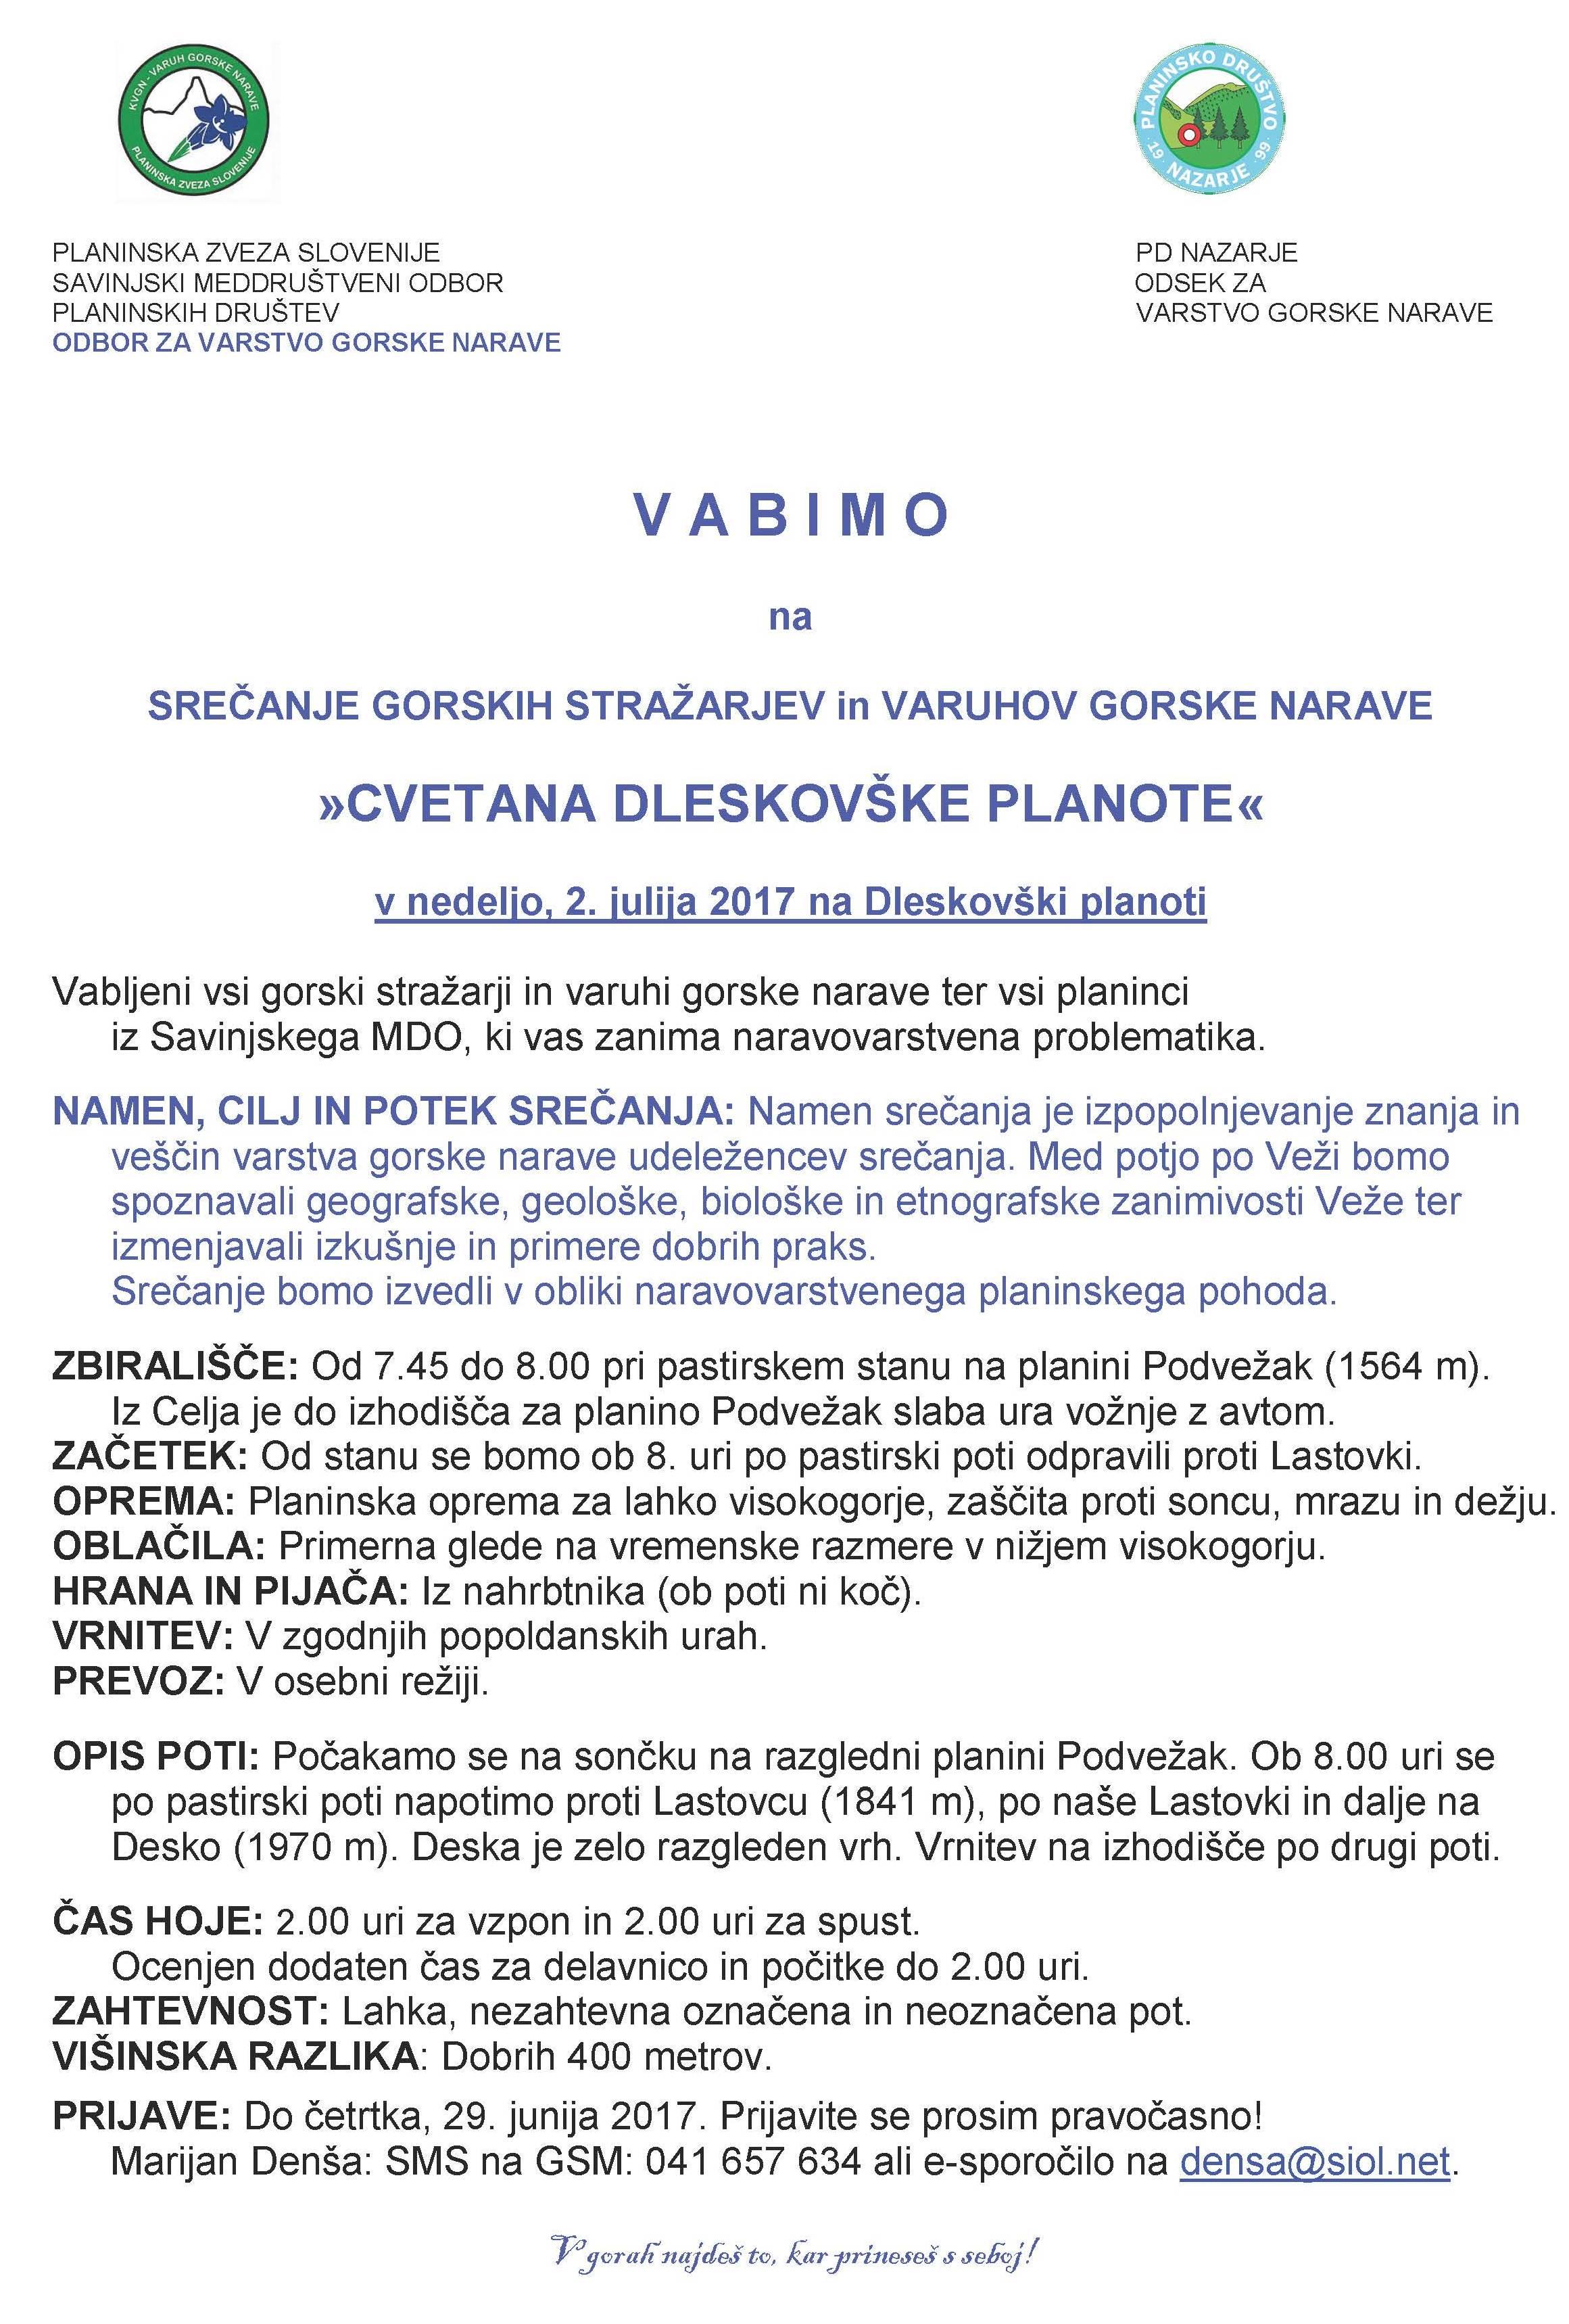 Vab_Cvetana_Dleskovske